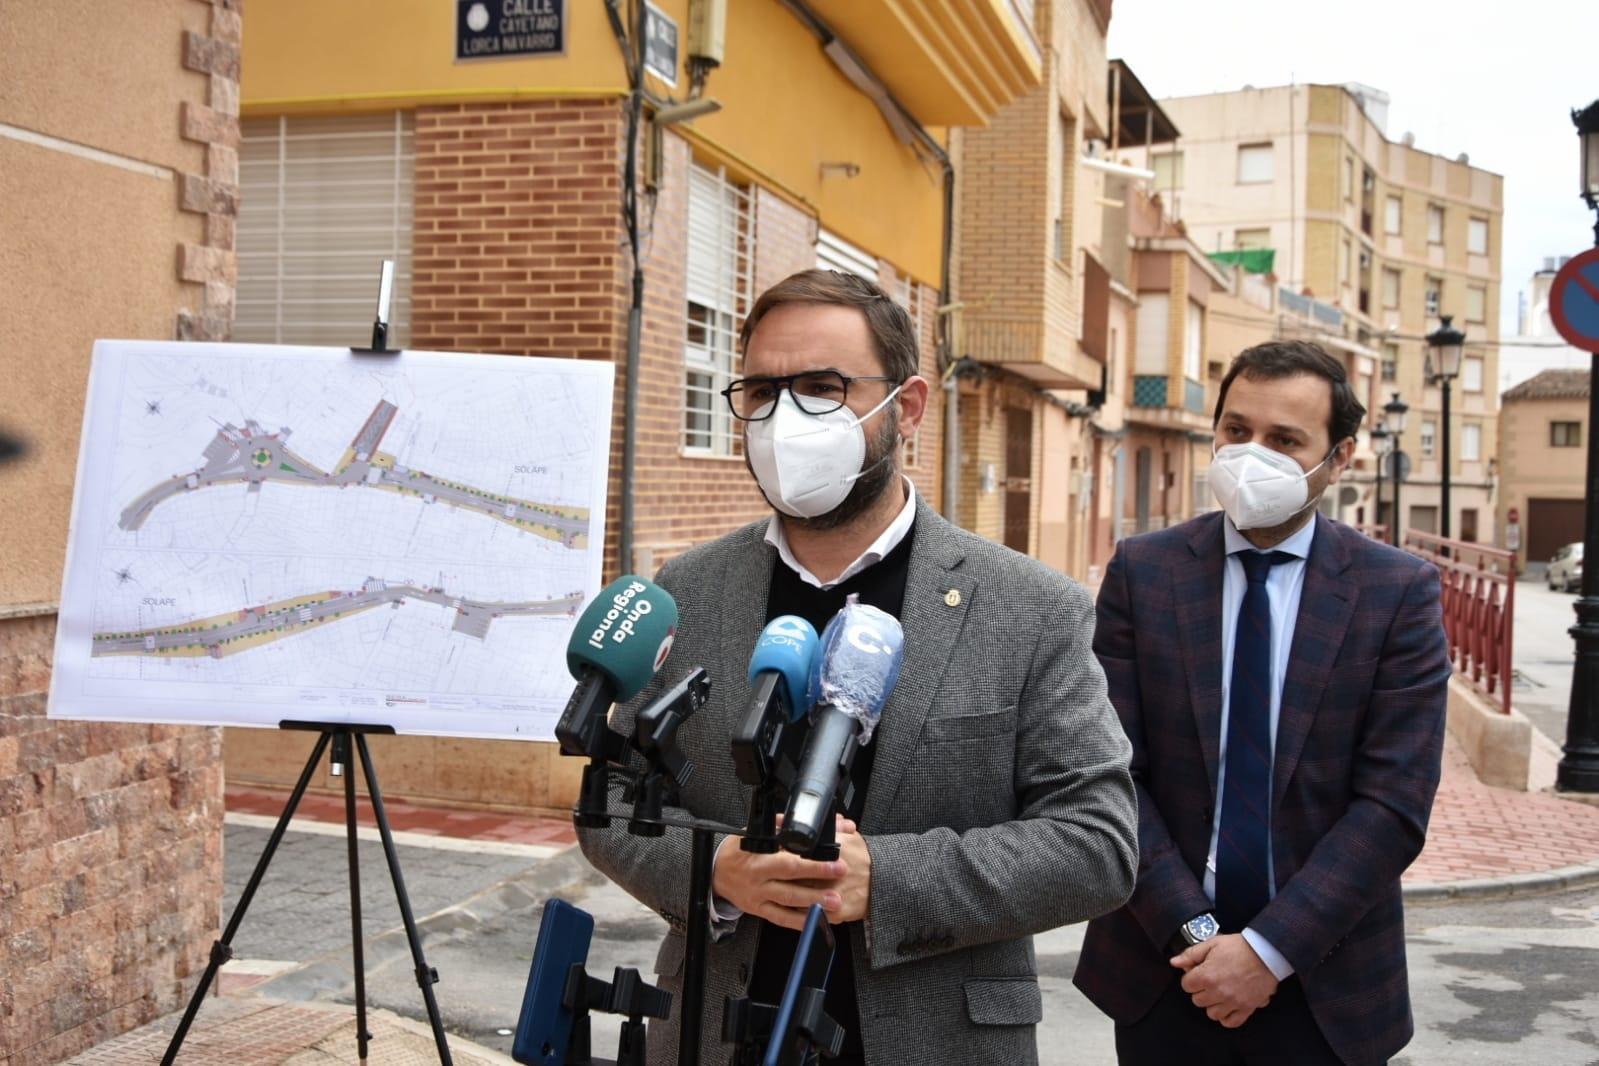 """El Ayuntamiento de Lorca impulsa el procedimiento para la adjudicación de las obras de renovación urbana de la calle """"Abellaneda"""" en el barrio de San Cristóbal"""